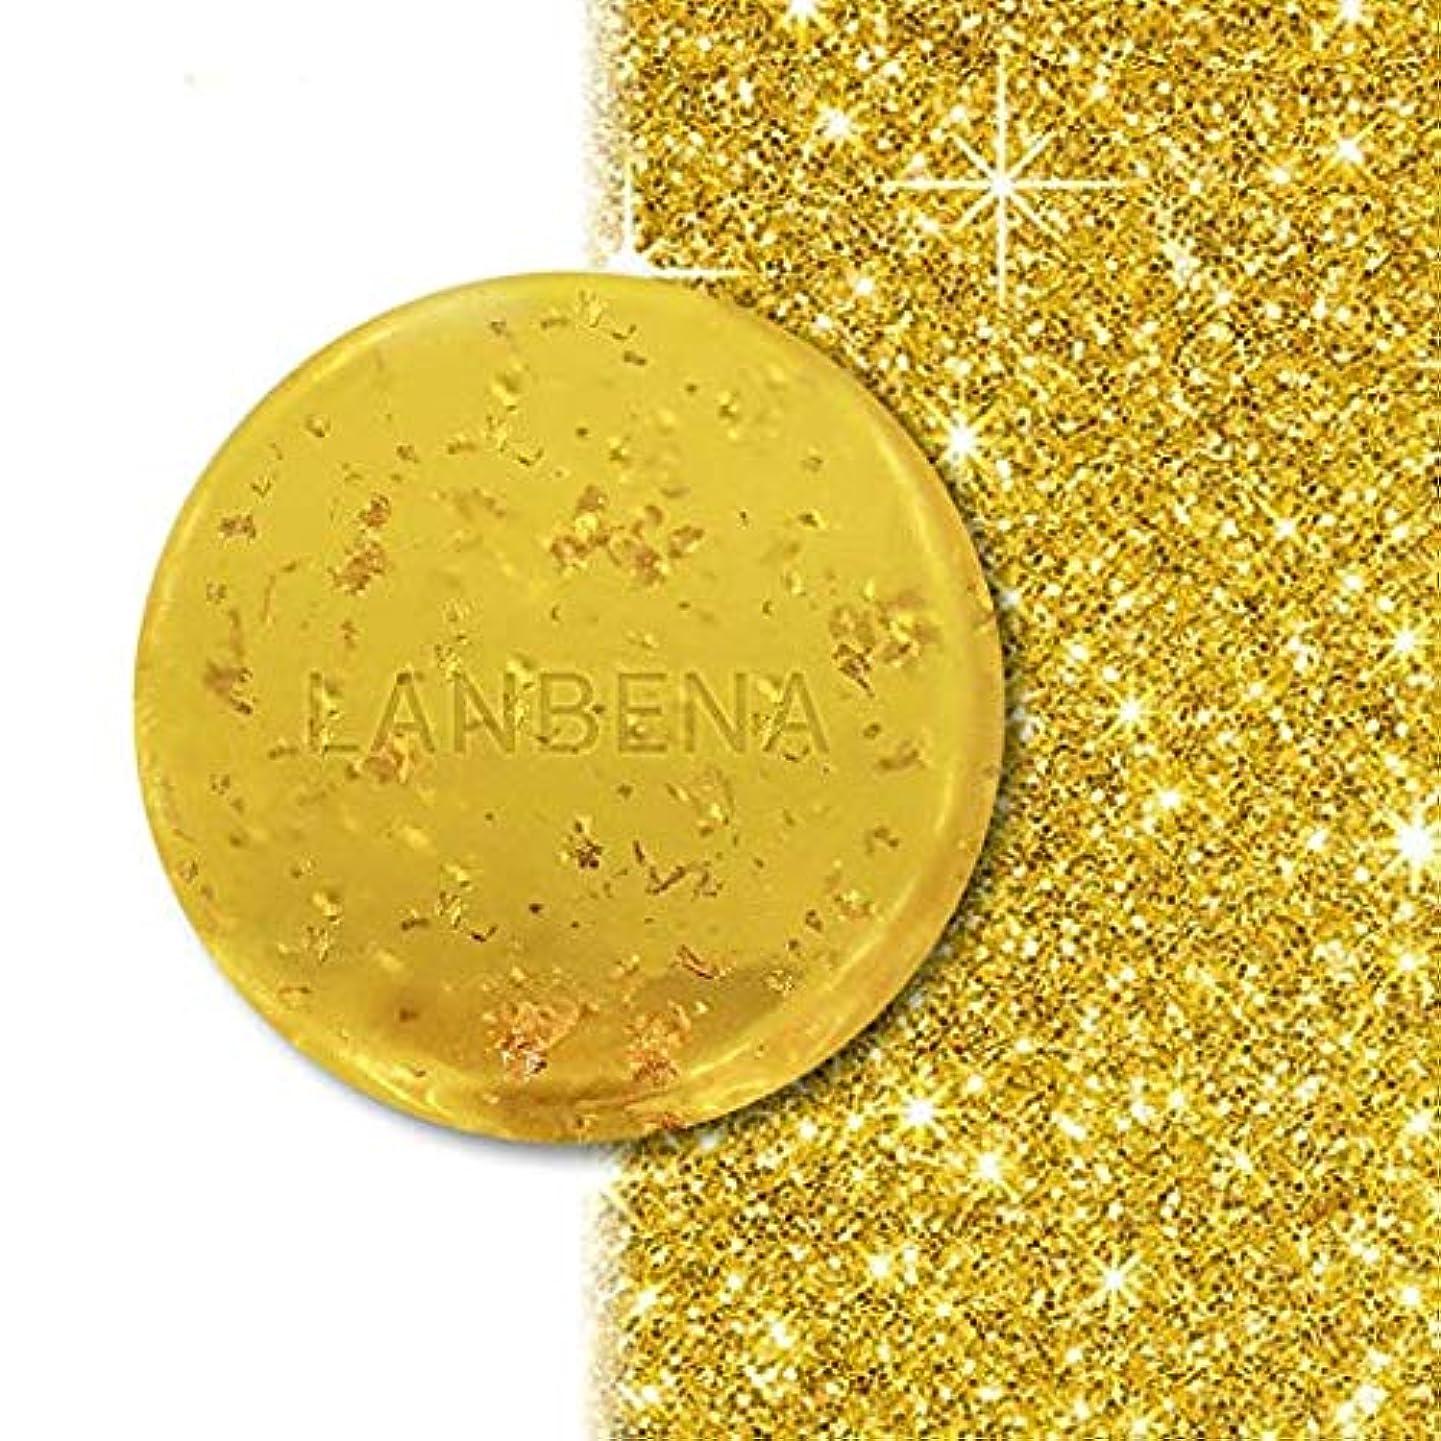 ばかげている用語集つまらない24Kゴールドハンドメイドハーブソープ海藻ディープクレンジングモイスチャライジング肌の美白、しわの発生を最小限に抑える、肌の色合いを引き締める、健康なシャンプー、ファインラインフェイスケア24K Gold Handmade...